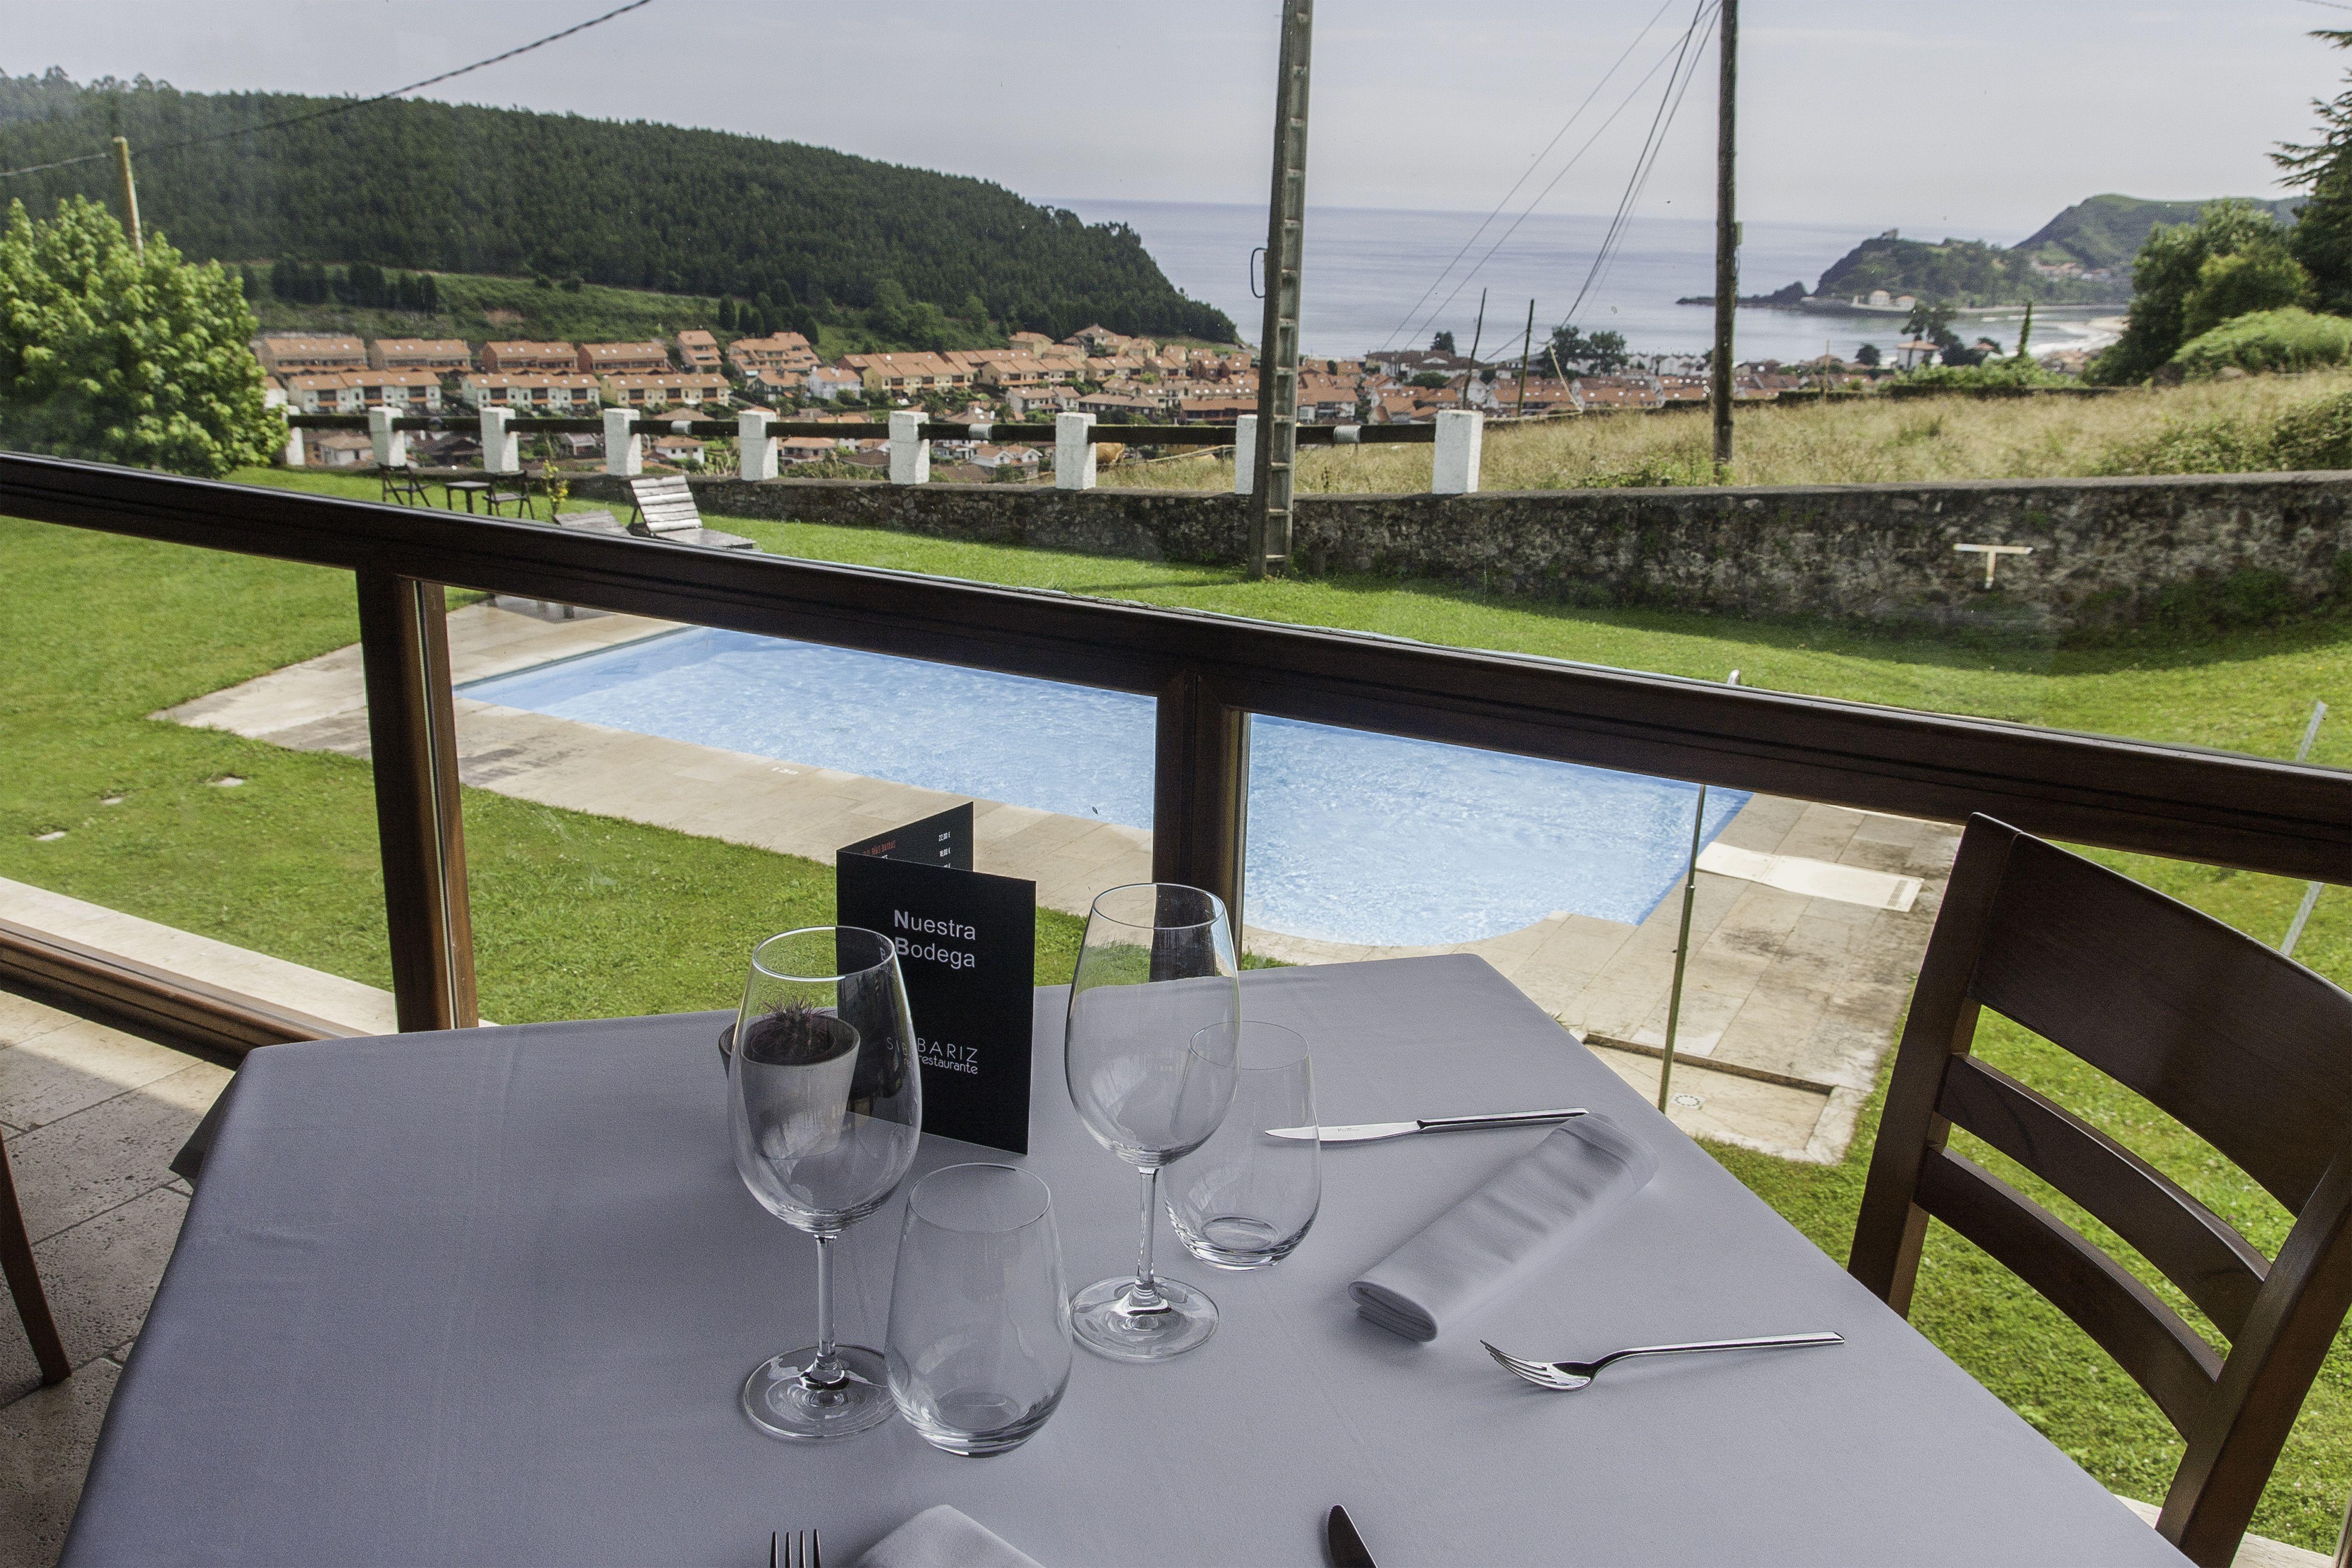 Restaurante con menú diario en Ribadesella